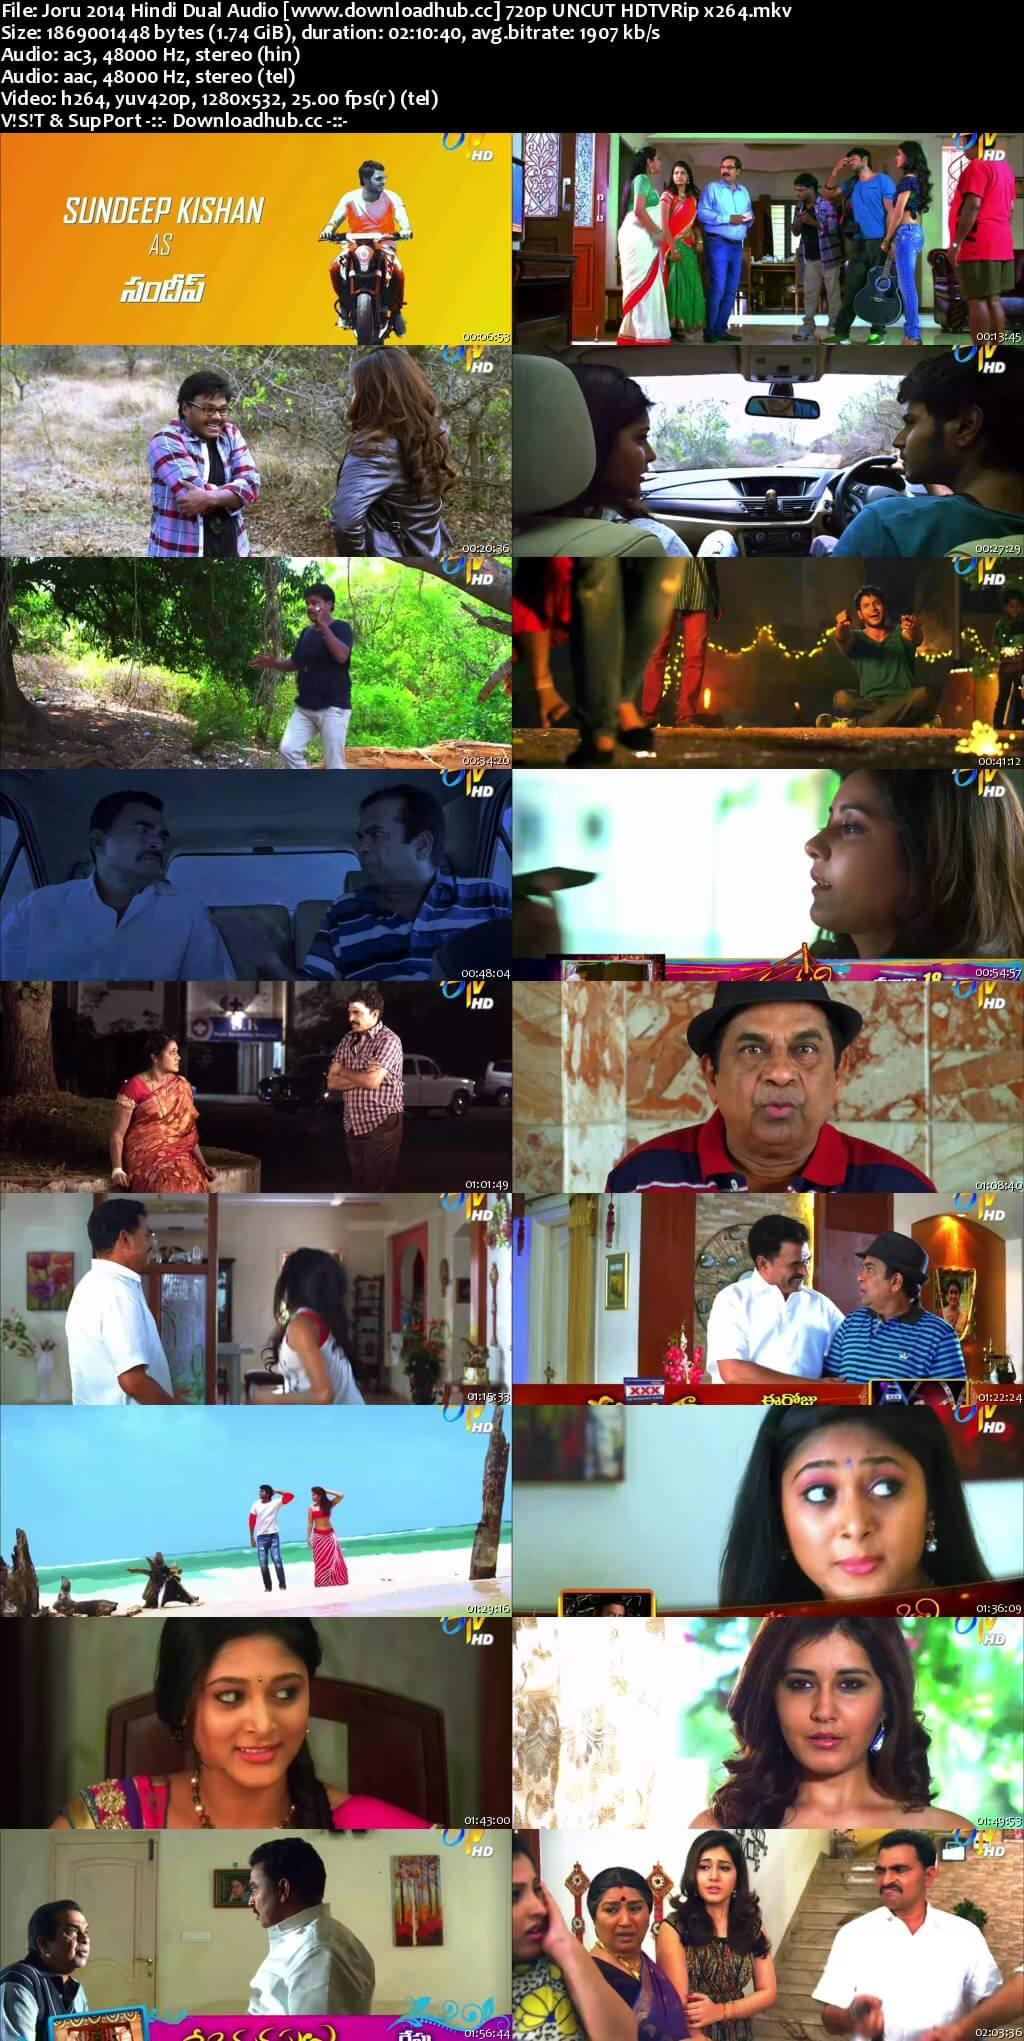 Joru 2014 Hindi Dual Audio 720p UNCUT HDTVRip x264